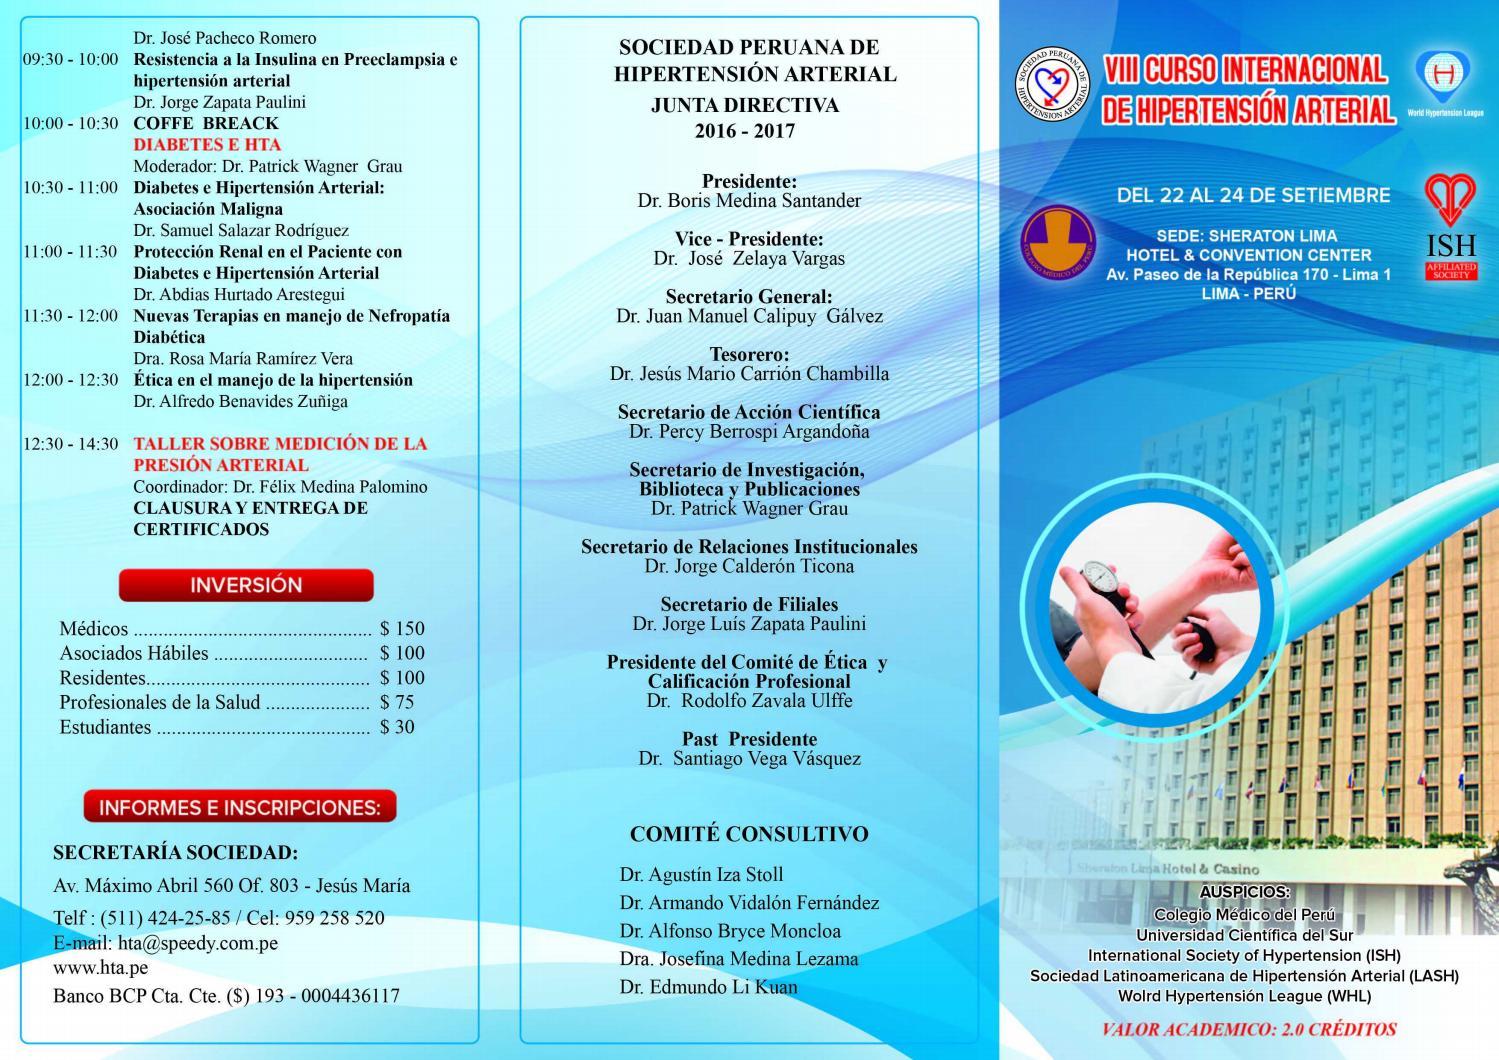 VIII Curso Internacional Hipertensión Arterial by Sociedad..